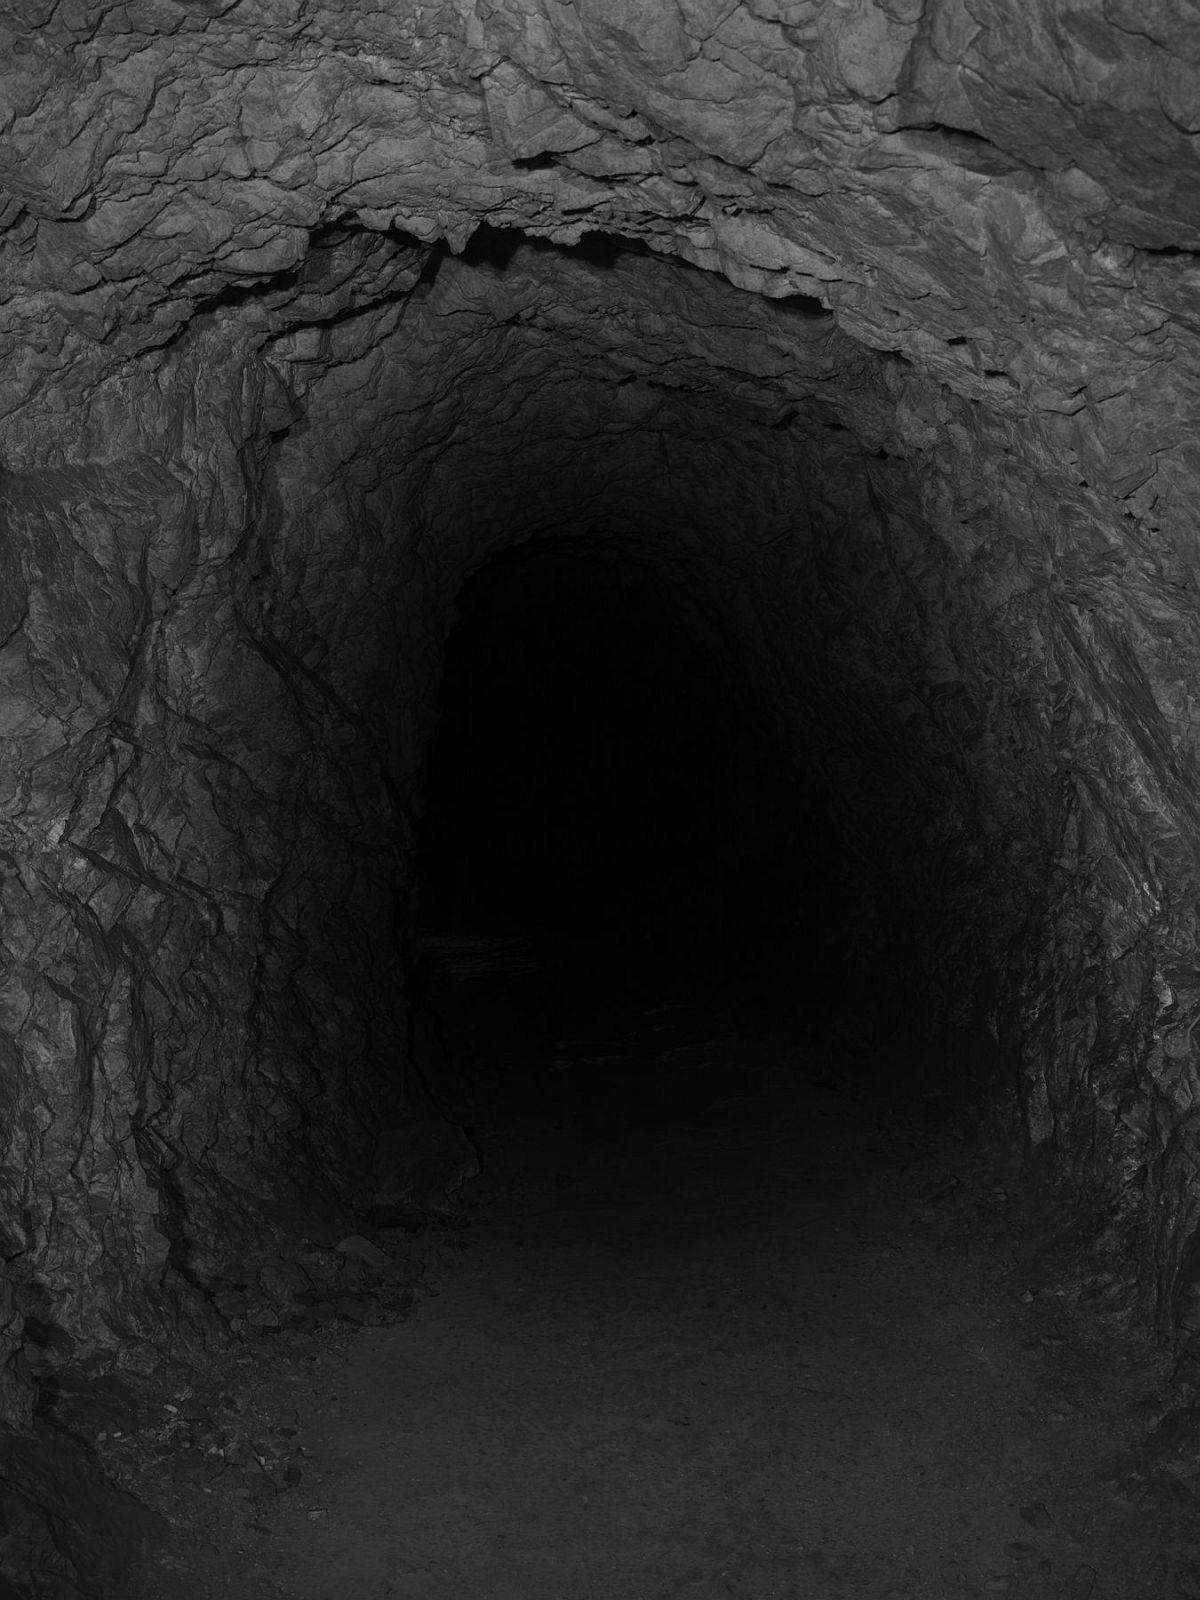 Taca Sui 塔可 Lan Tian Cave 蓝田洞 2018 Platinum and palladium print 铂钯印相 100 x 75 cm (39 1/2 x 29 1/2 in)